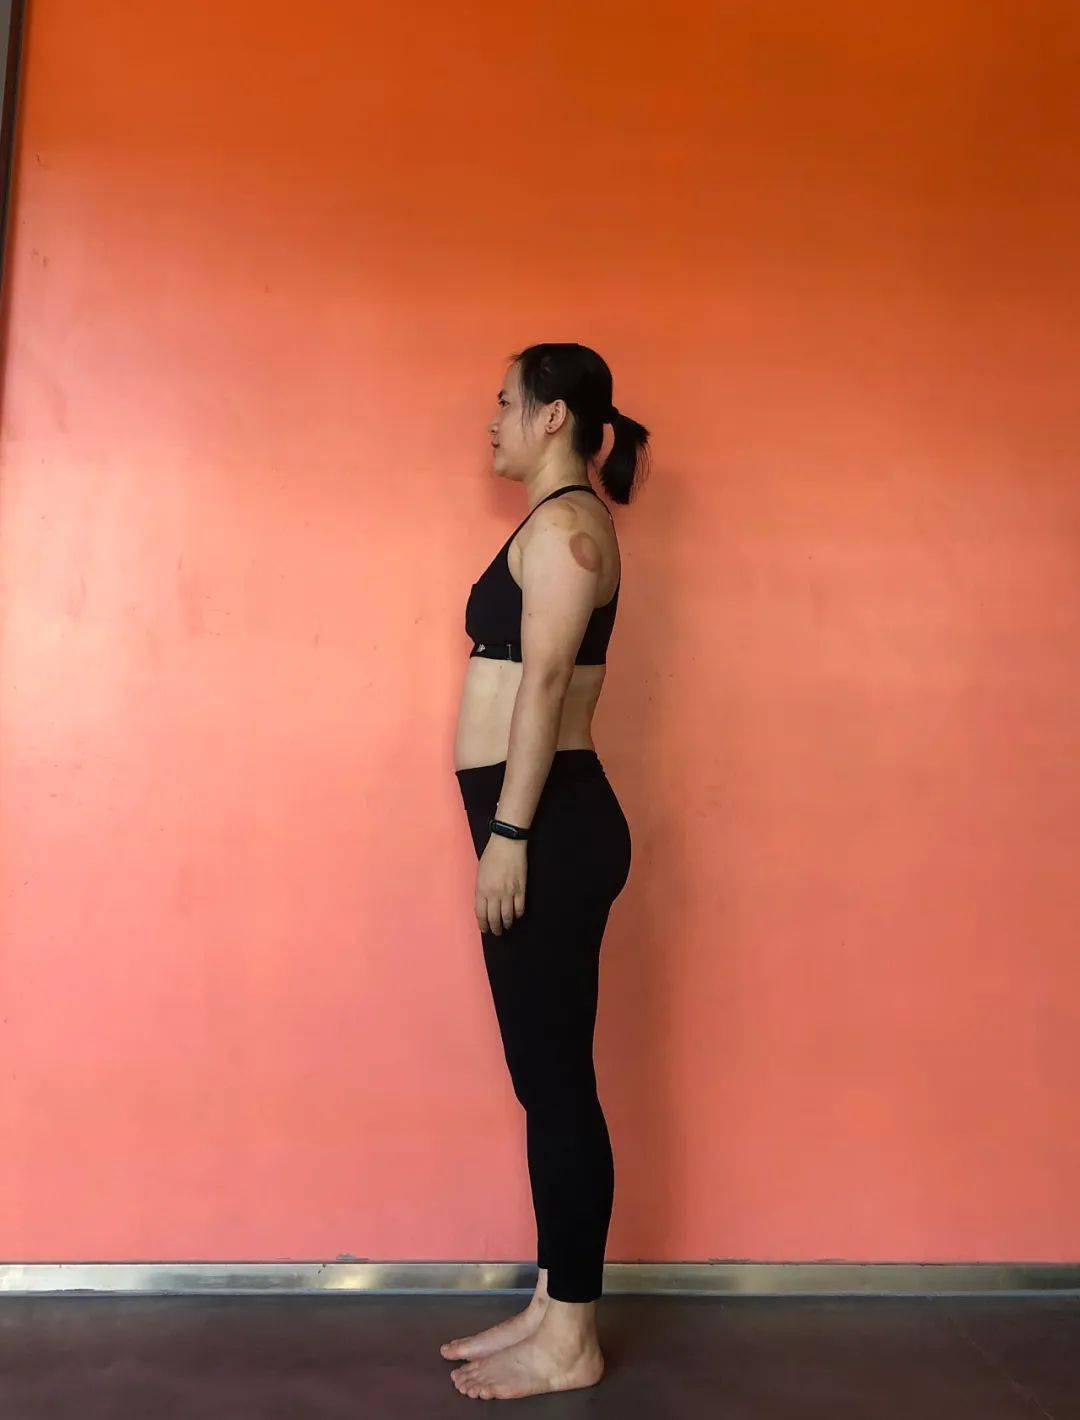 每晚这样拉一拉, 腿长1寸, 腰细2尺, 身体柔软无比 ▷ 21天甩脂10斤①_瑜伽 知识百科 第6张